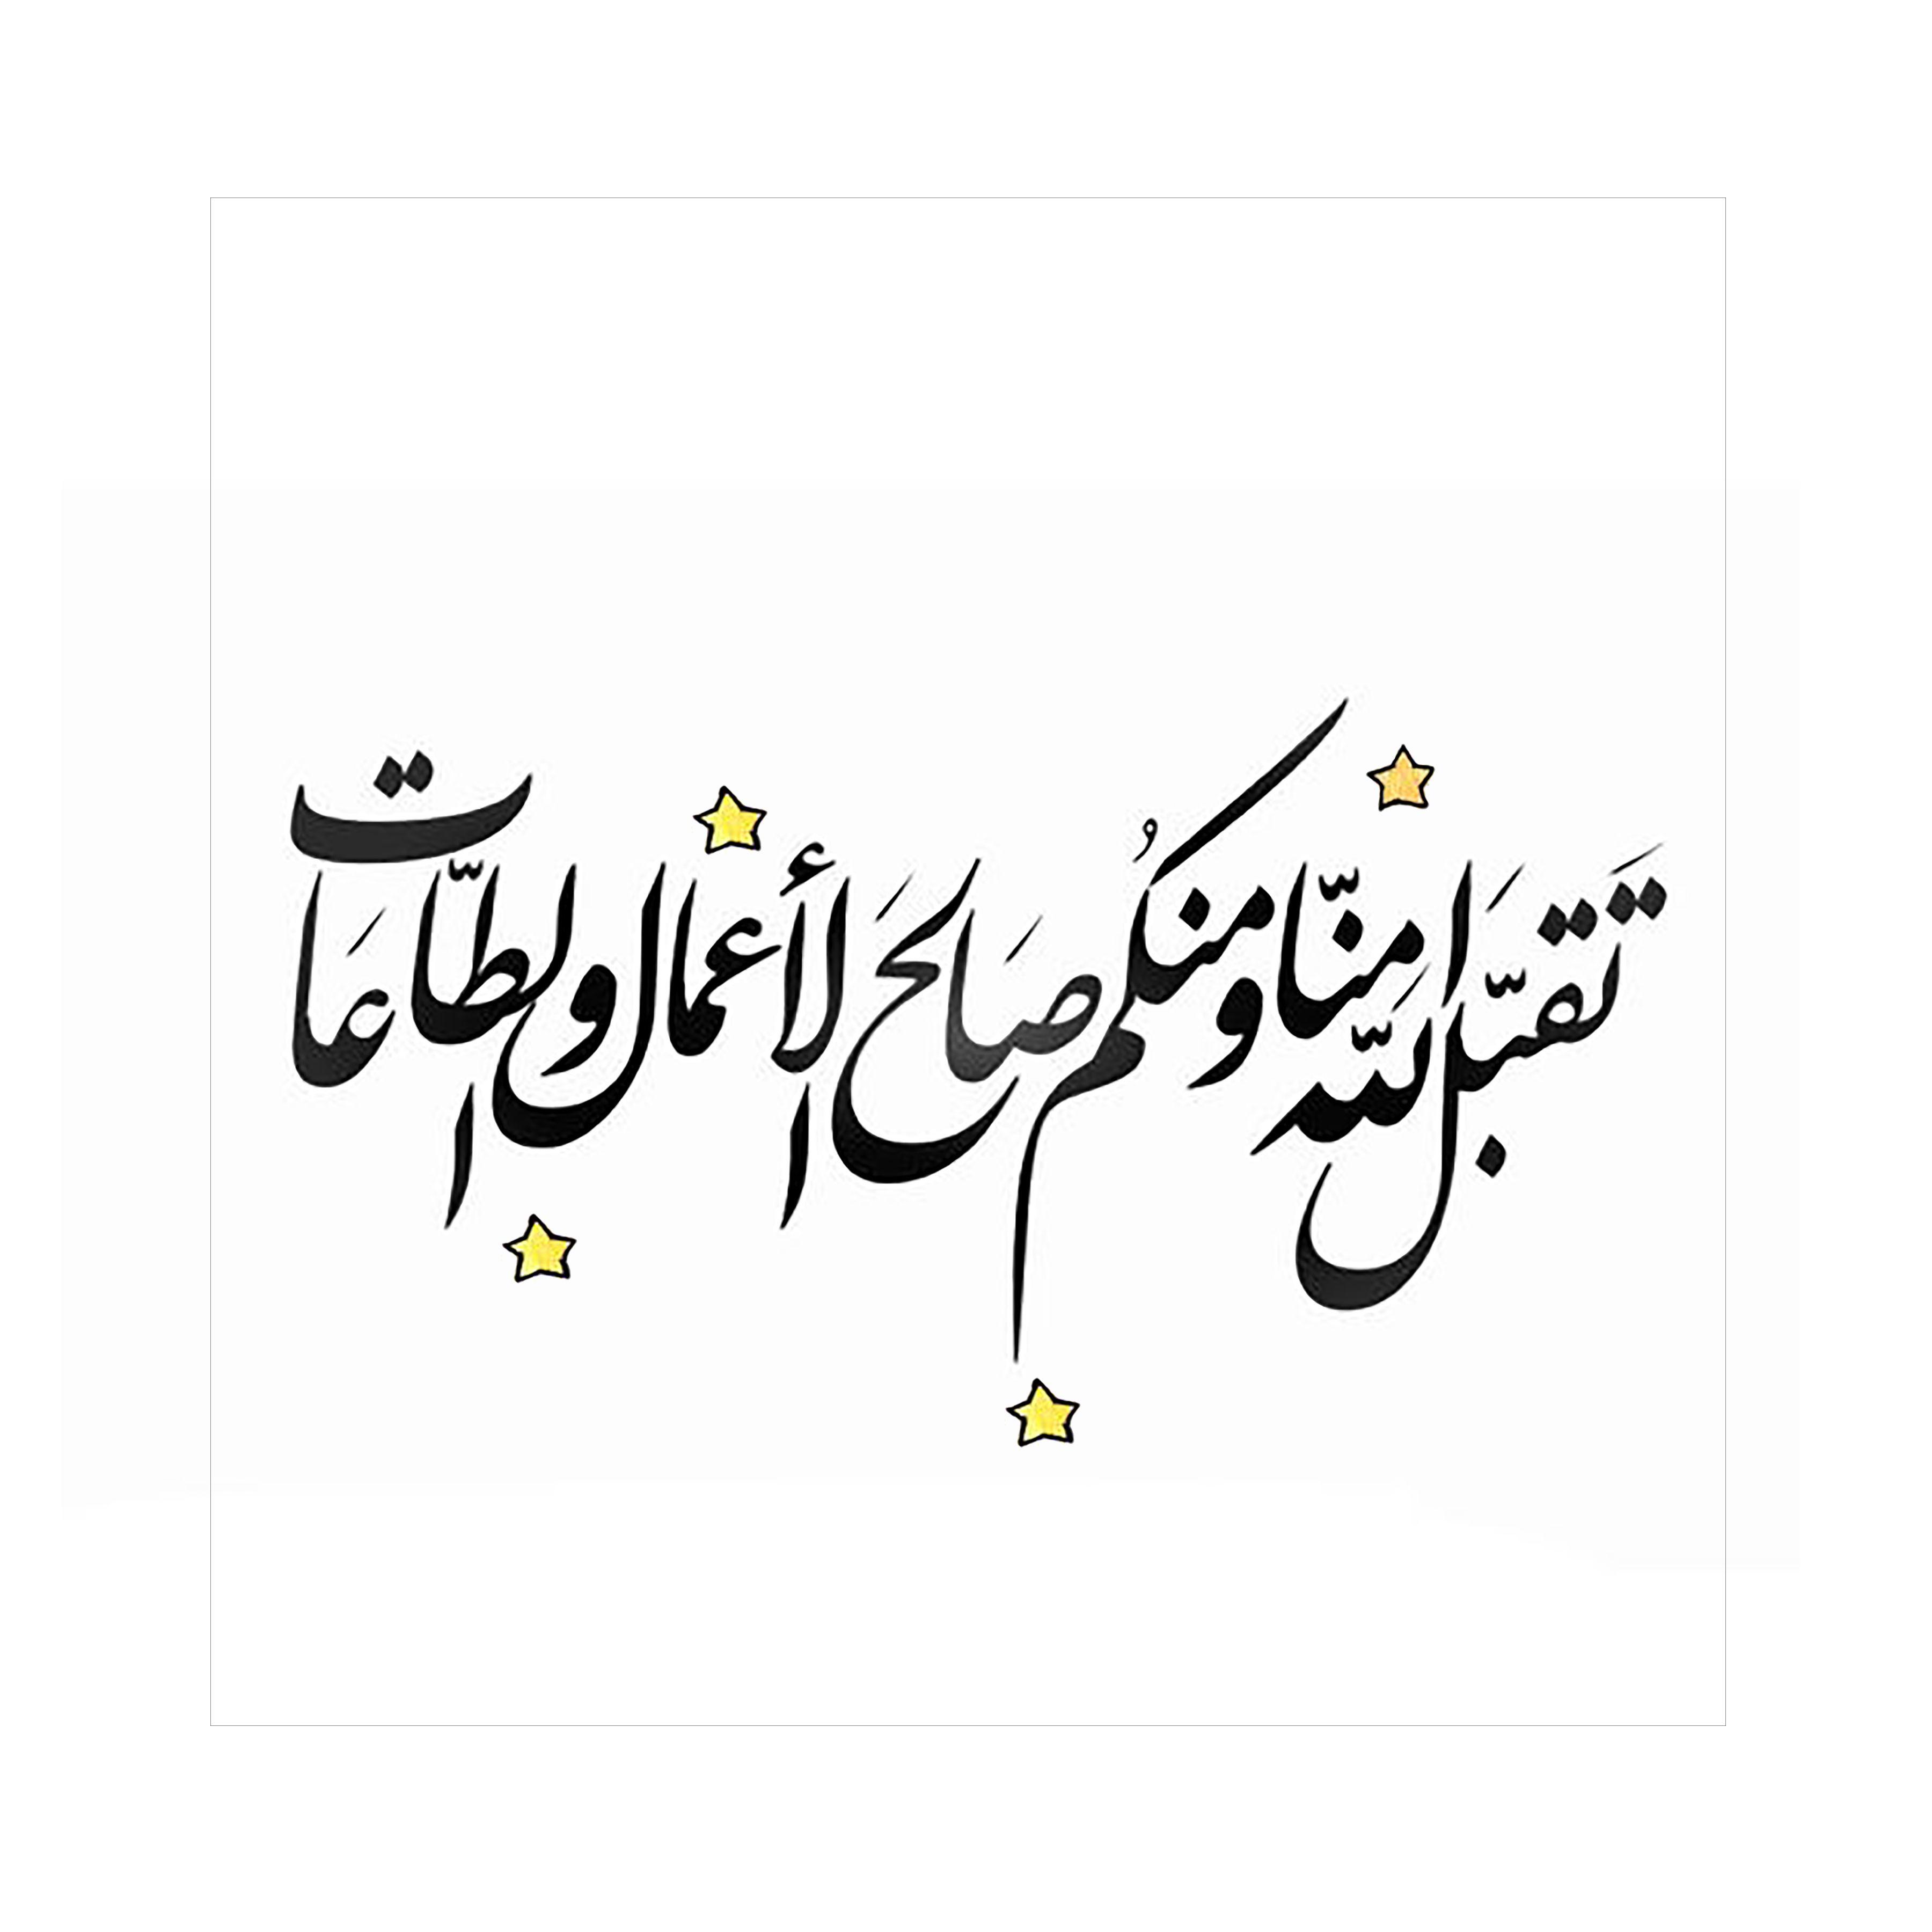 Pin By A On وثللثل Ramadan Greetings Ramadan Cards Ramadan Printables